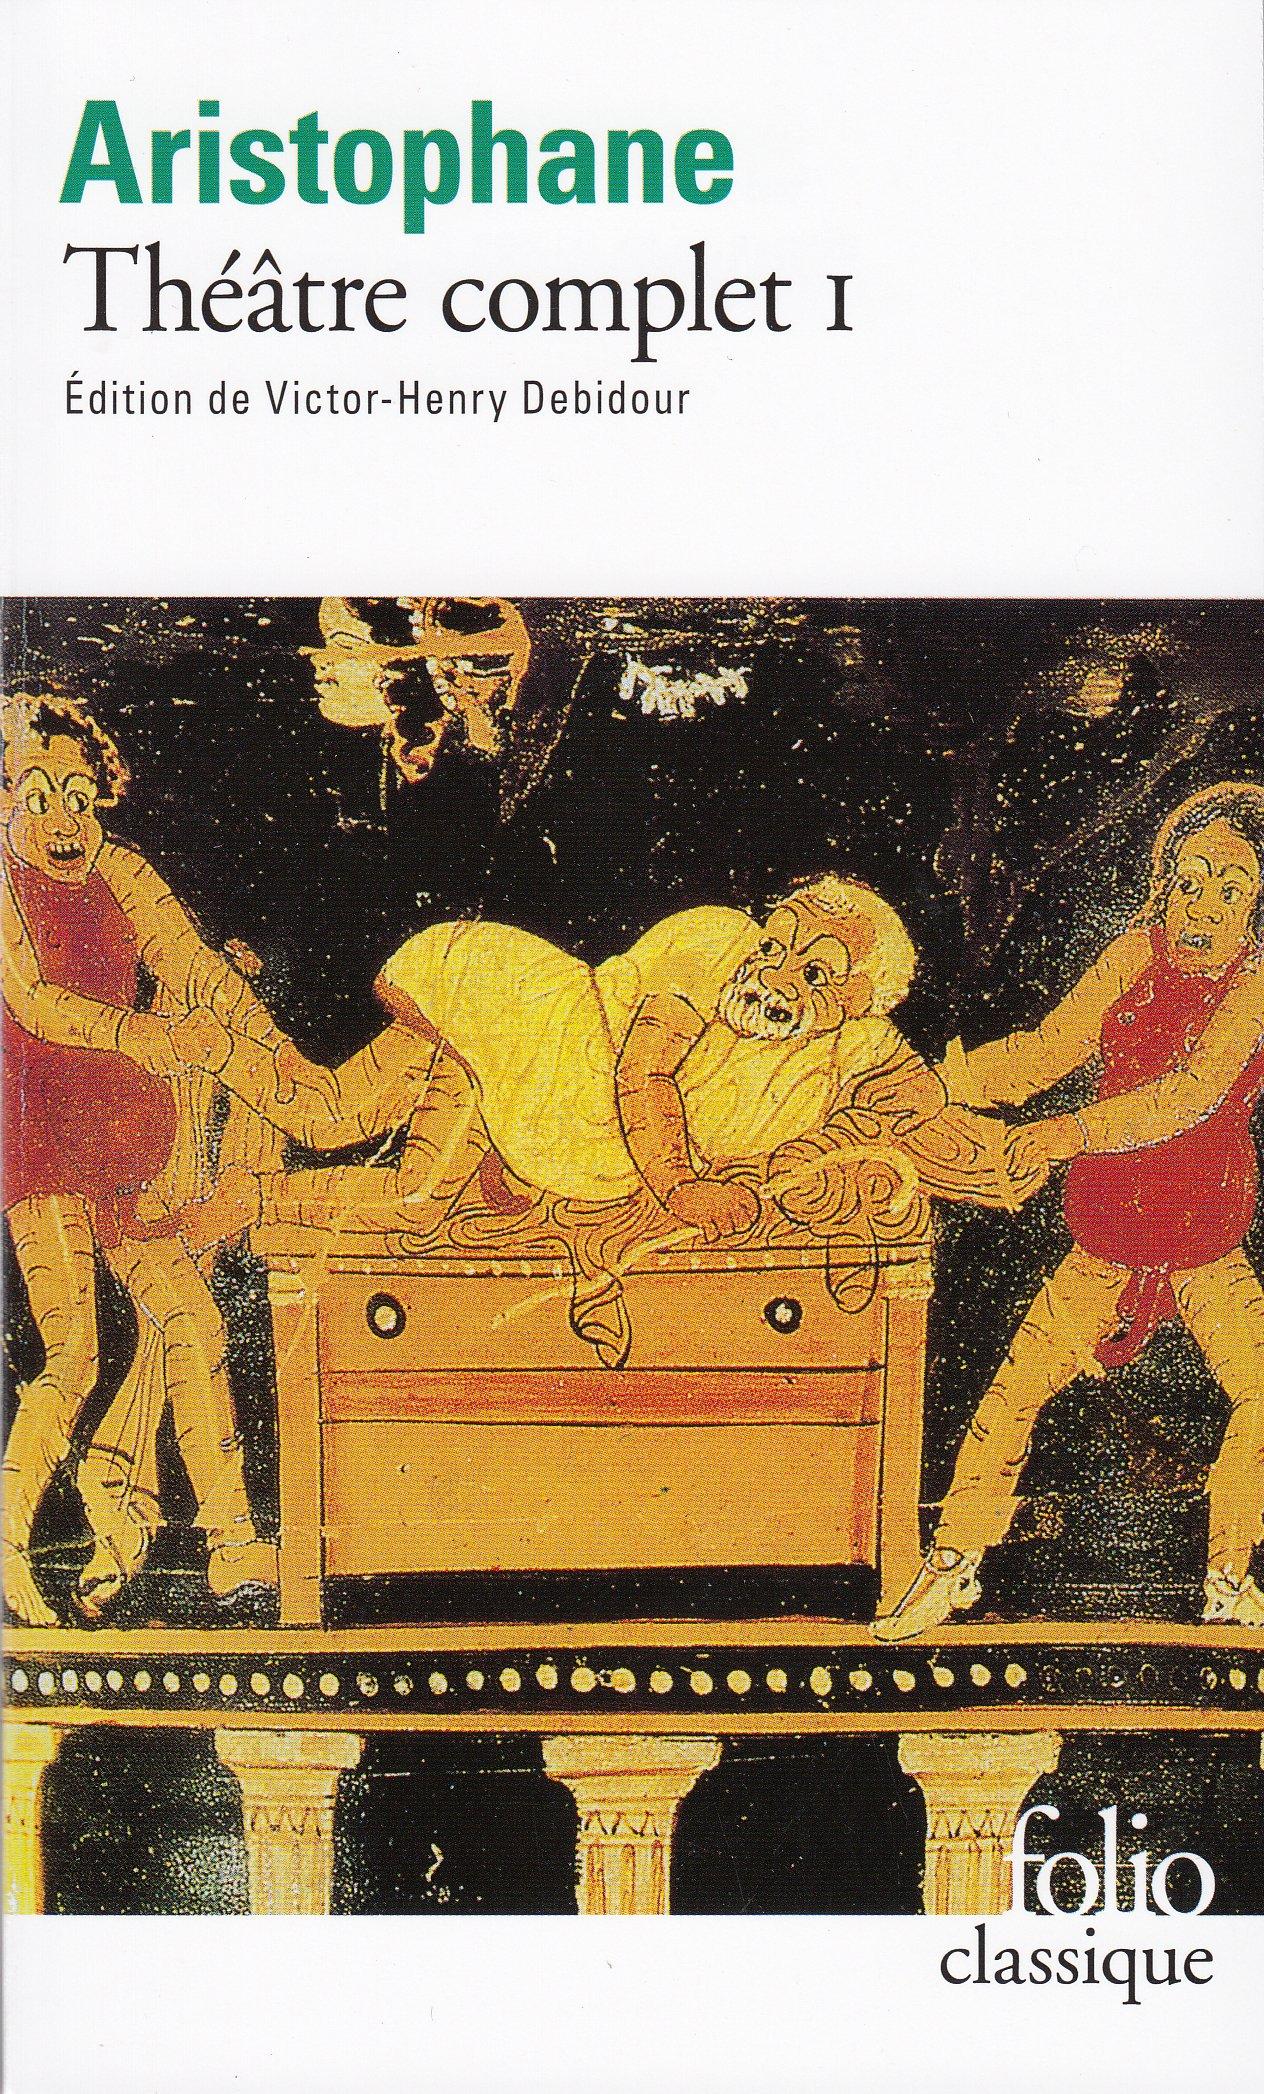 Théâtre complet, Tome 1 : Les Acharniens - Les Cavaliers - Les Nuées - Les Guêpes - La Paix (Anglais) Poche – 11 février 1987 Aristophane Folio 207037789X 379782070377893